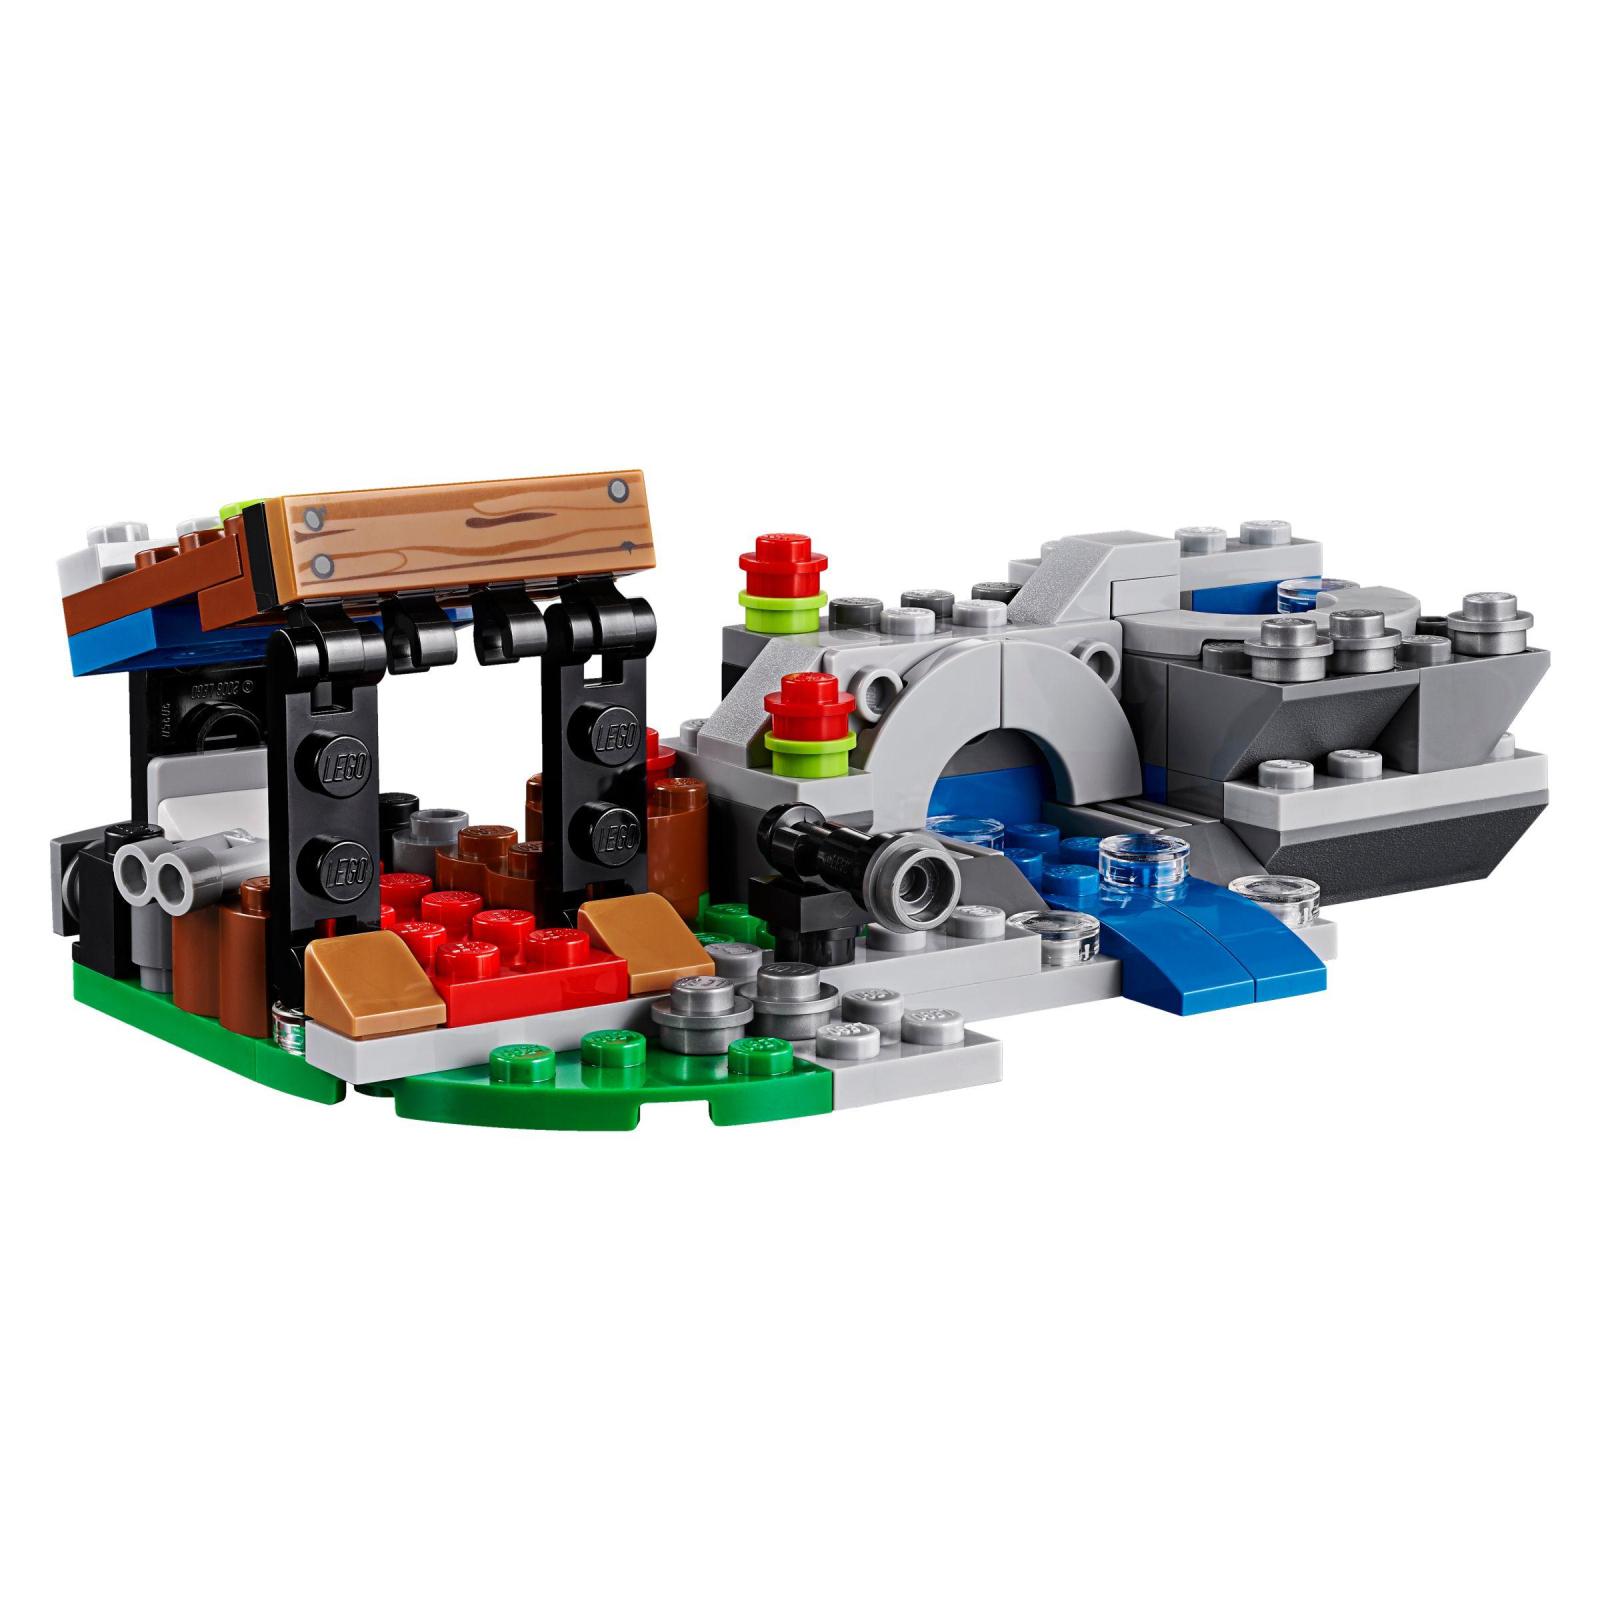 Конструктор LEGO Creator Приключения в глуши (31075) изображение 4